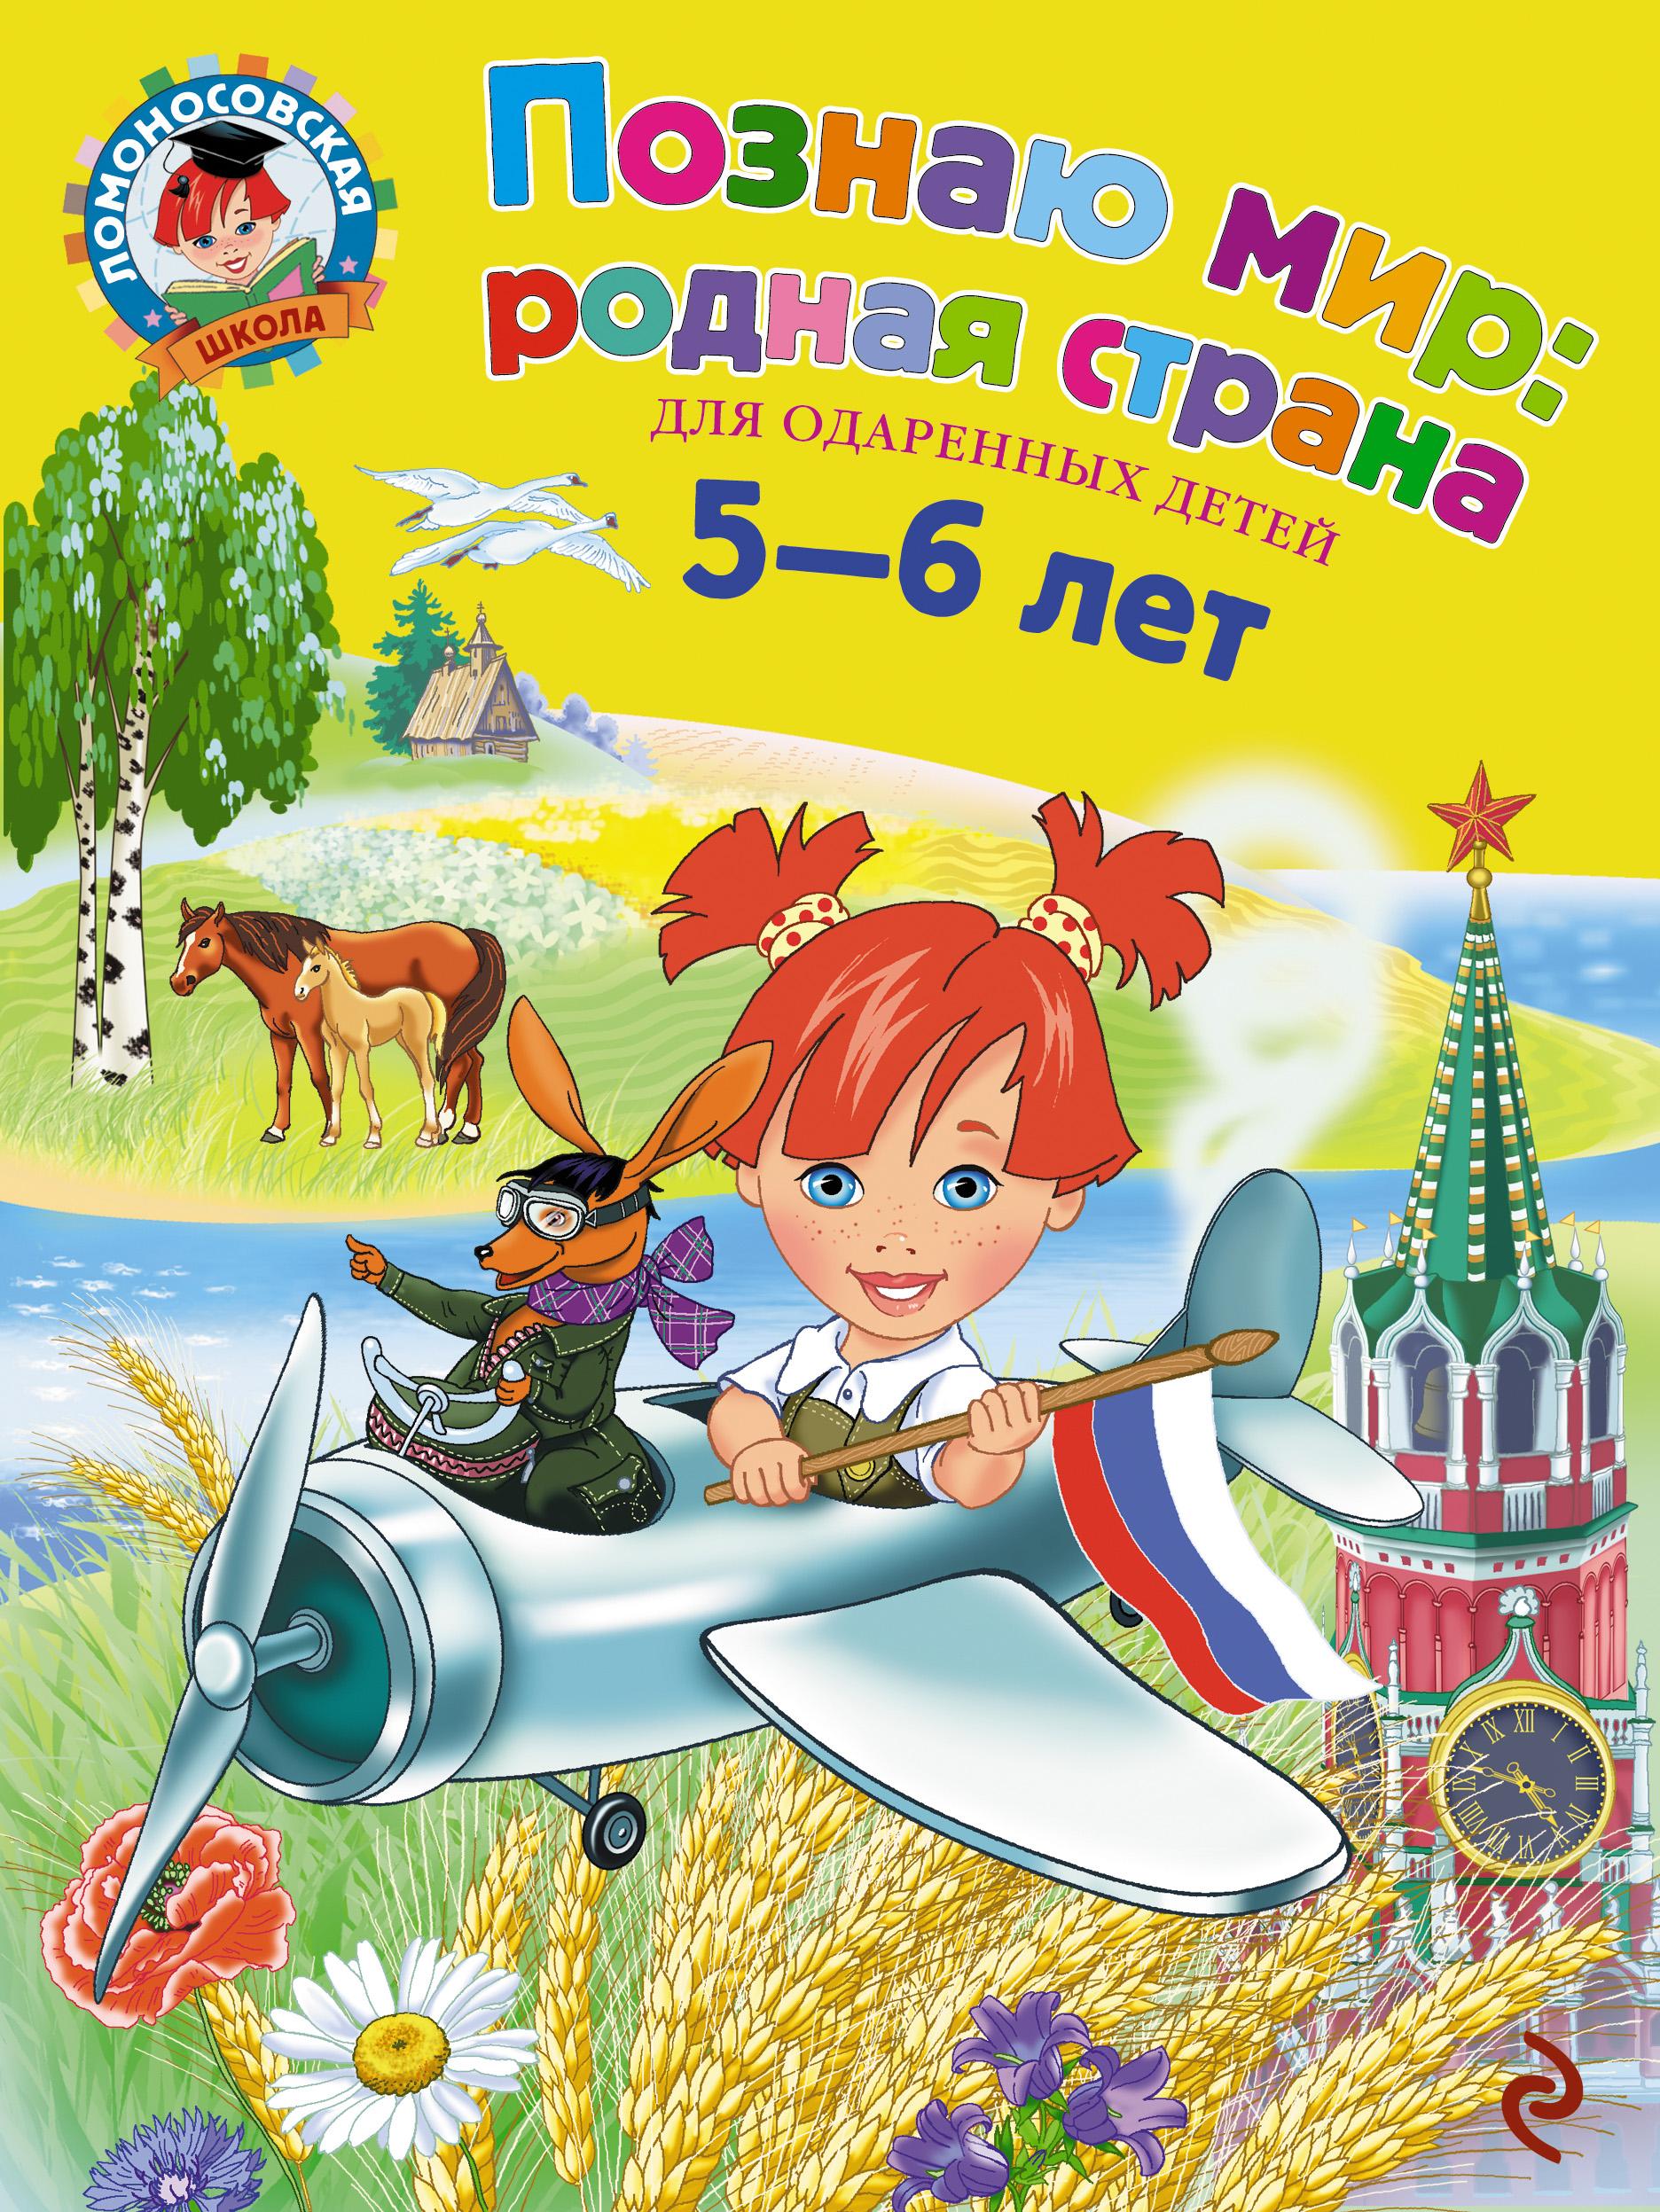 Наталья Липская Познаю мир: родная страна. Для детей 5-6 лет эксмо познаю мир родная страна для детей 5 6 лет ч 2